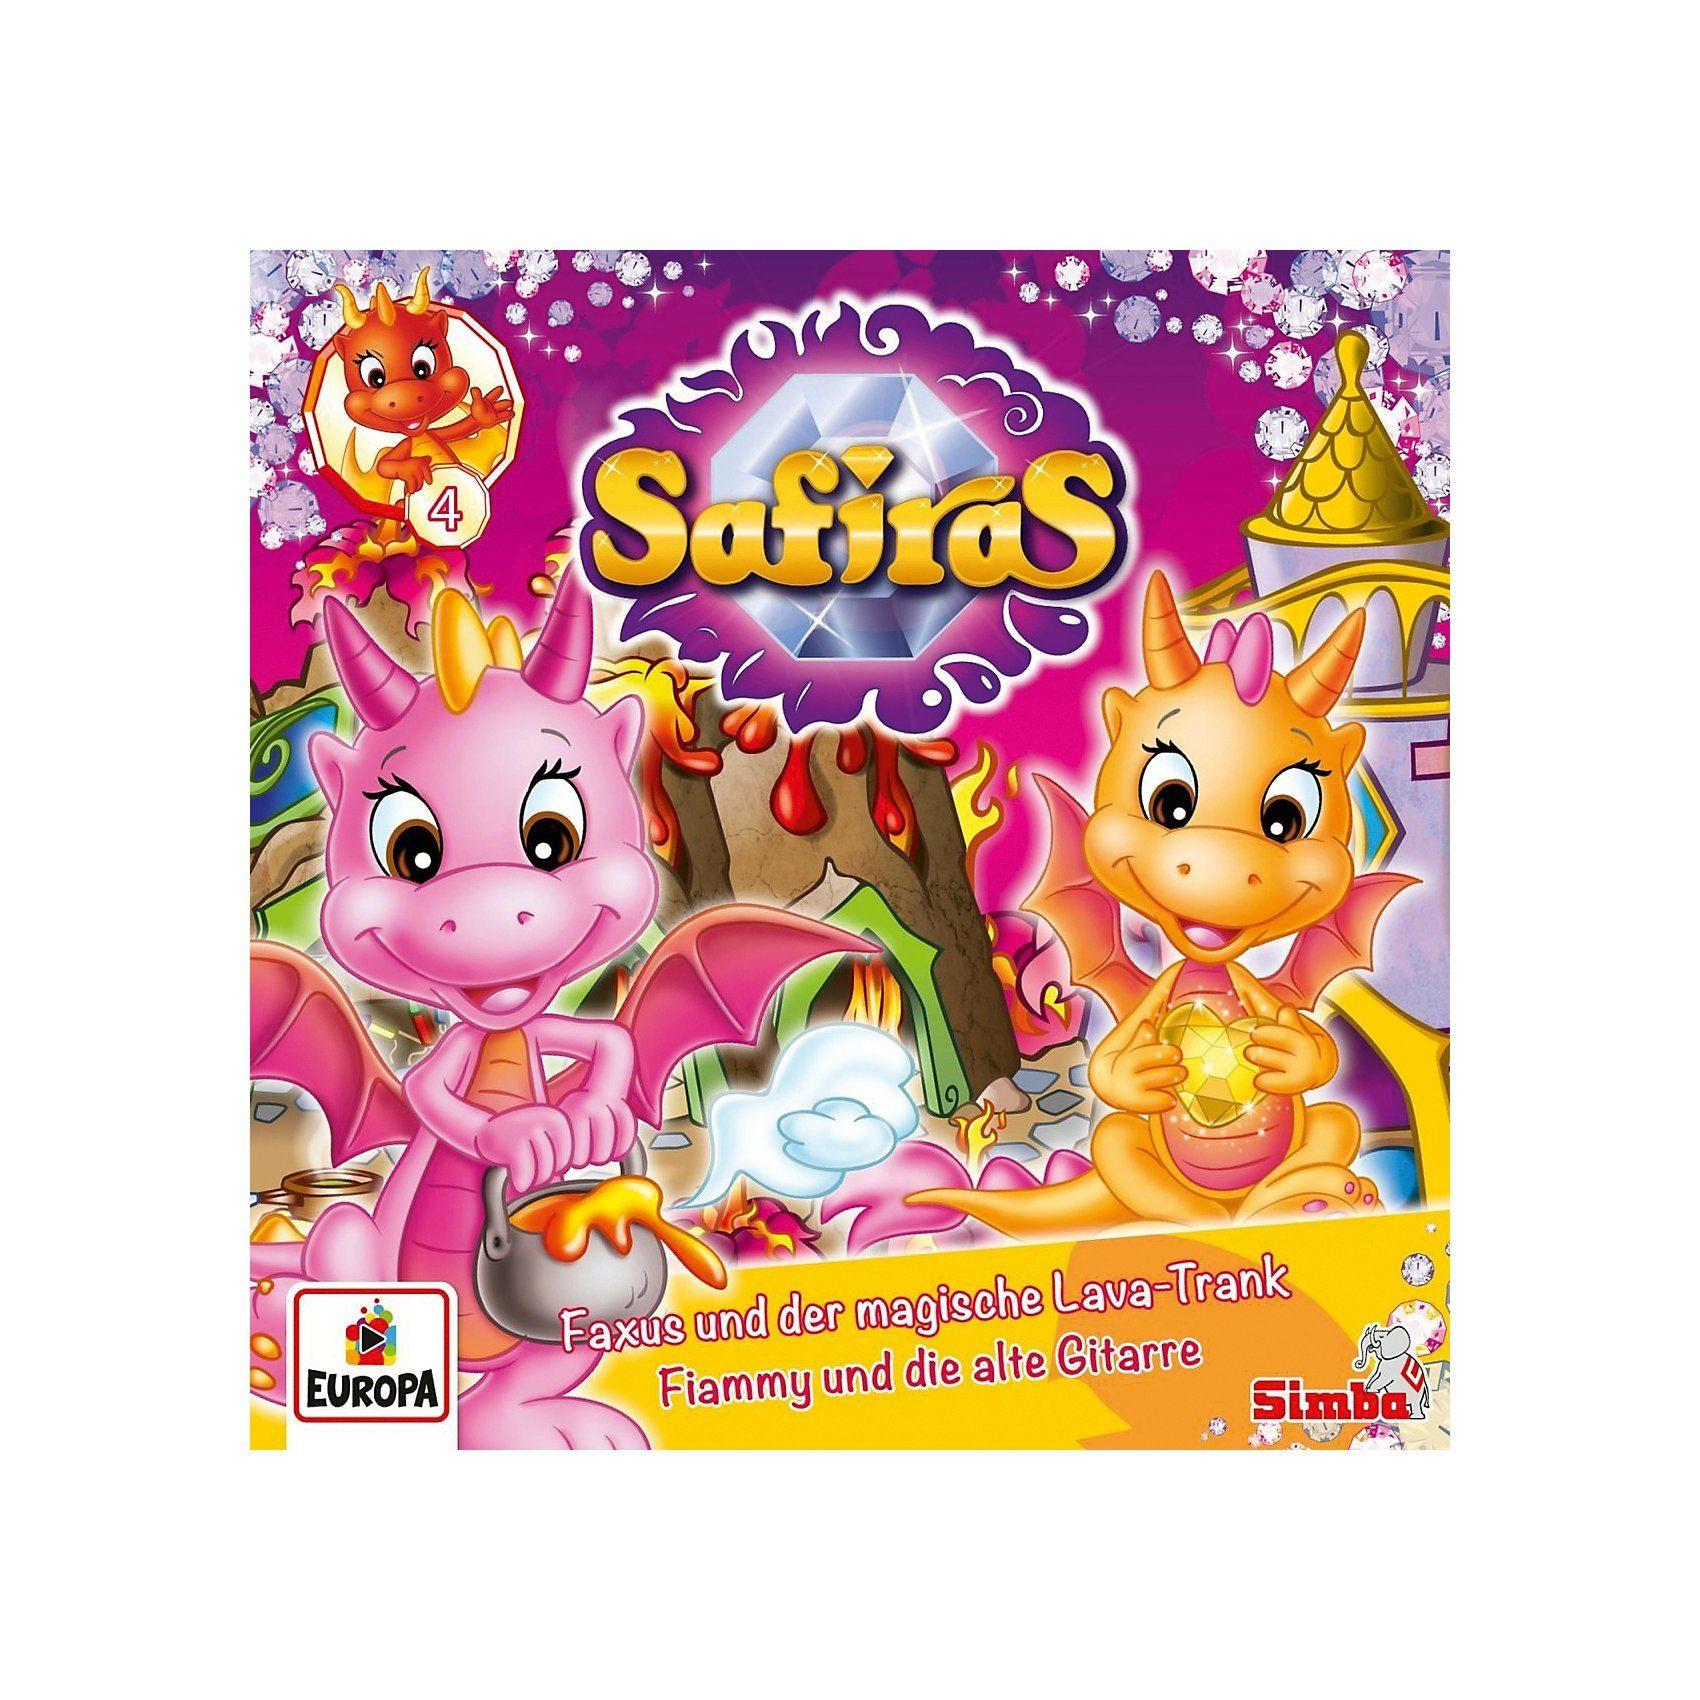 CD Safiras 4 - Faxus und der Magische Lava-Trank/Fiammy und